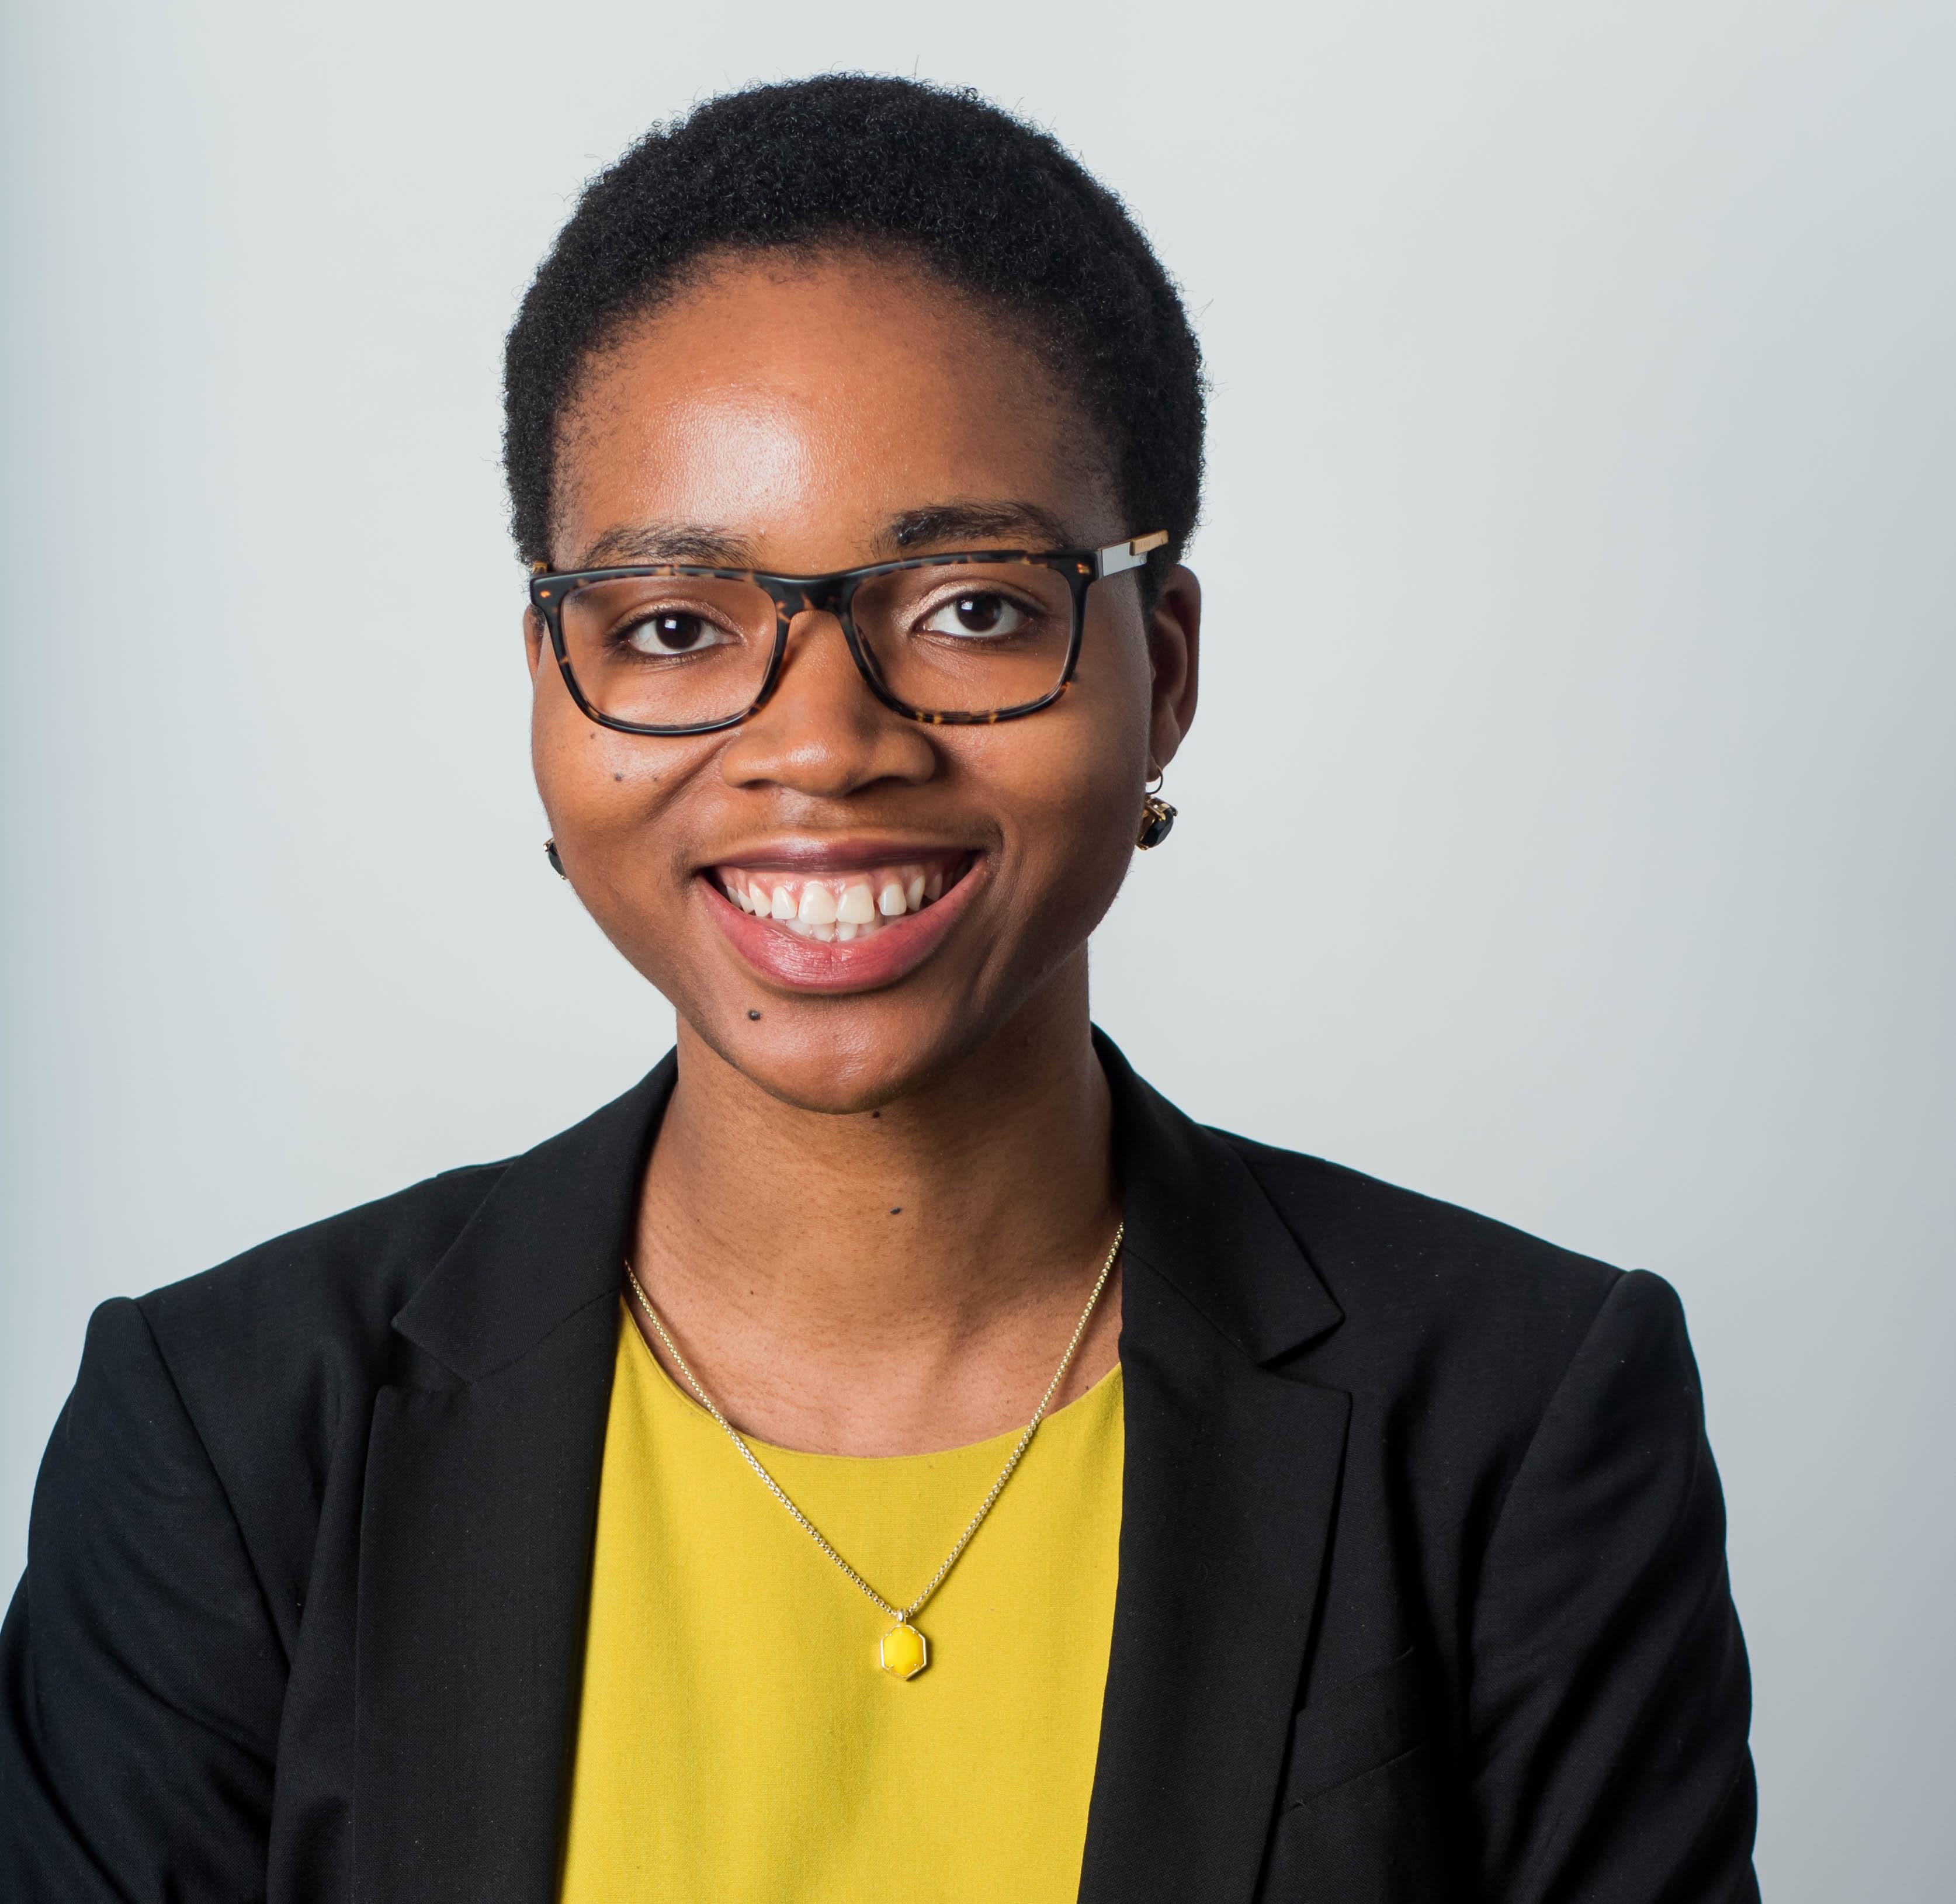 Victoria Nneji, Ph.D.